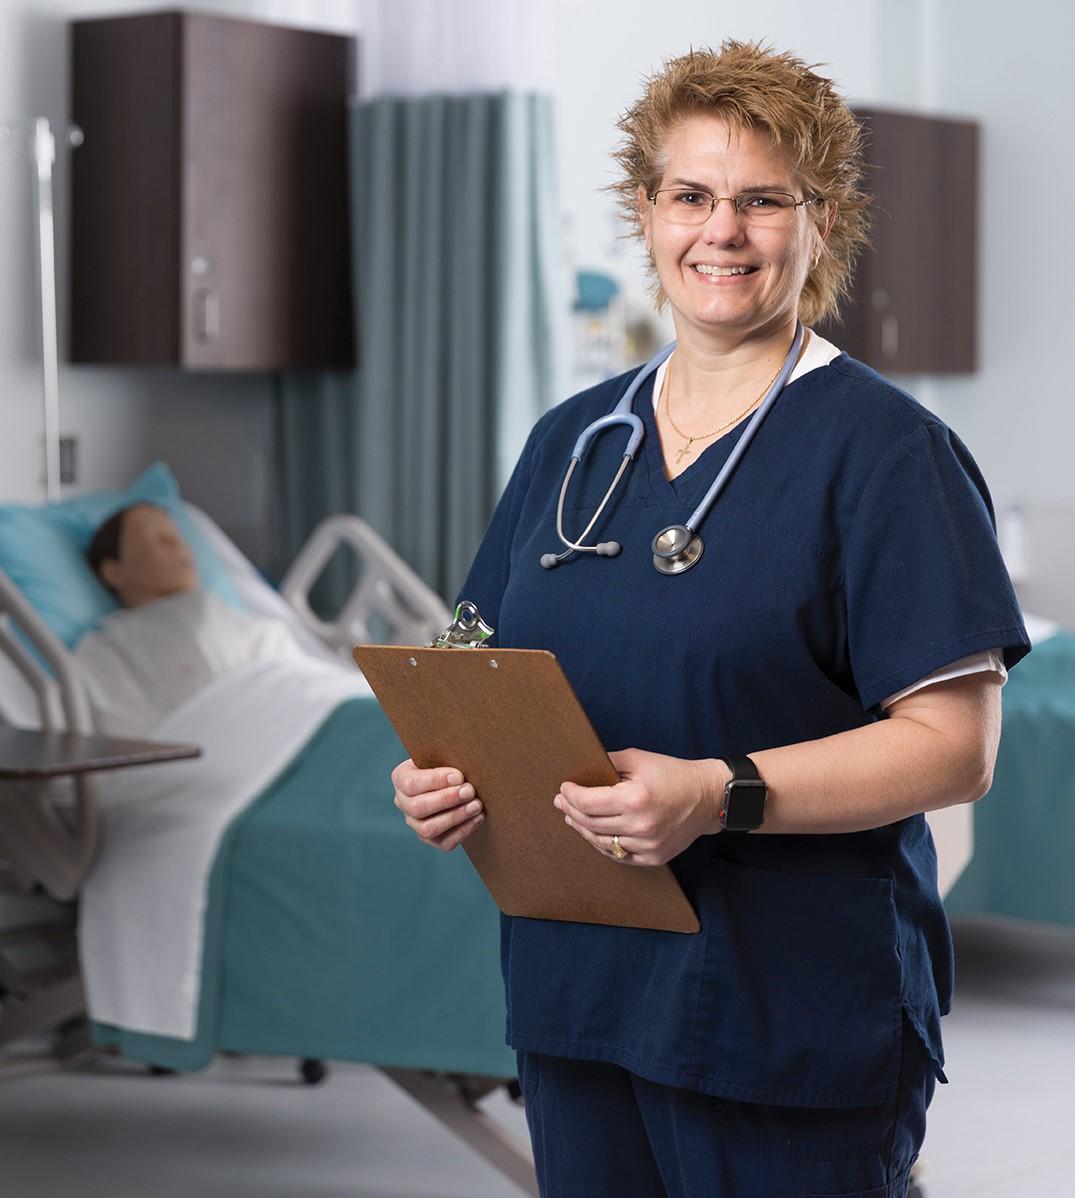 Wendy Blount nursing student